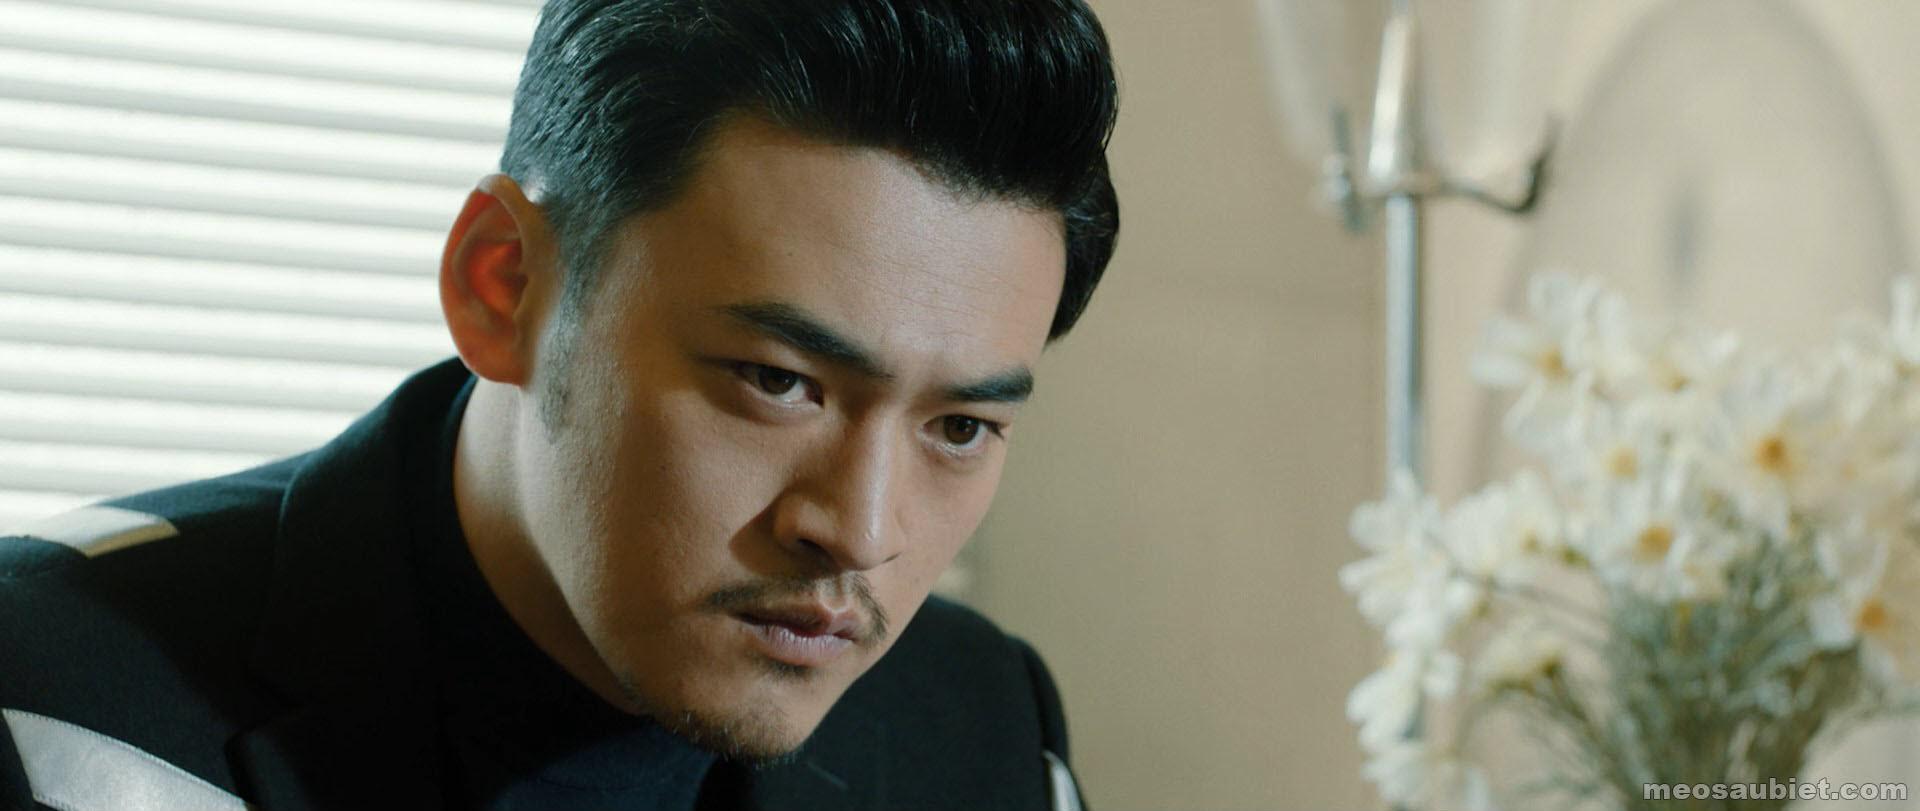 Người bạn kỳ quái của tôi 2020 Vương Bá Văn trong vai Tưởng Lập Nhân